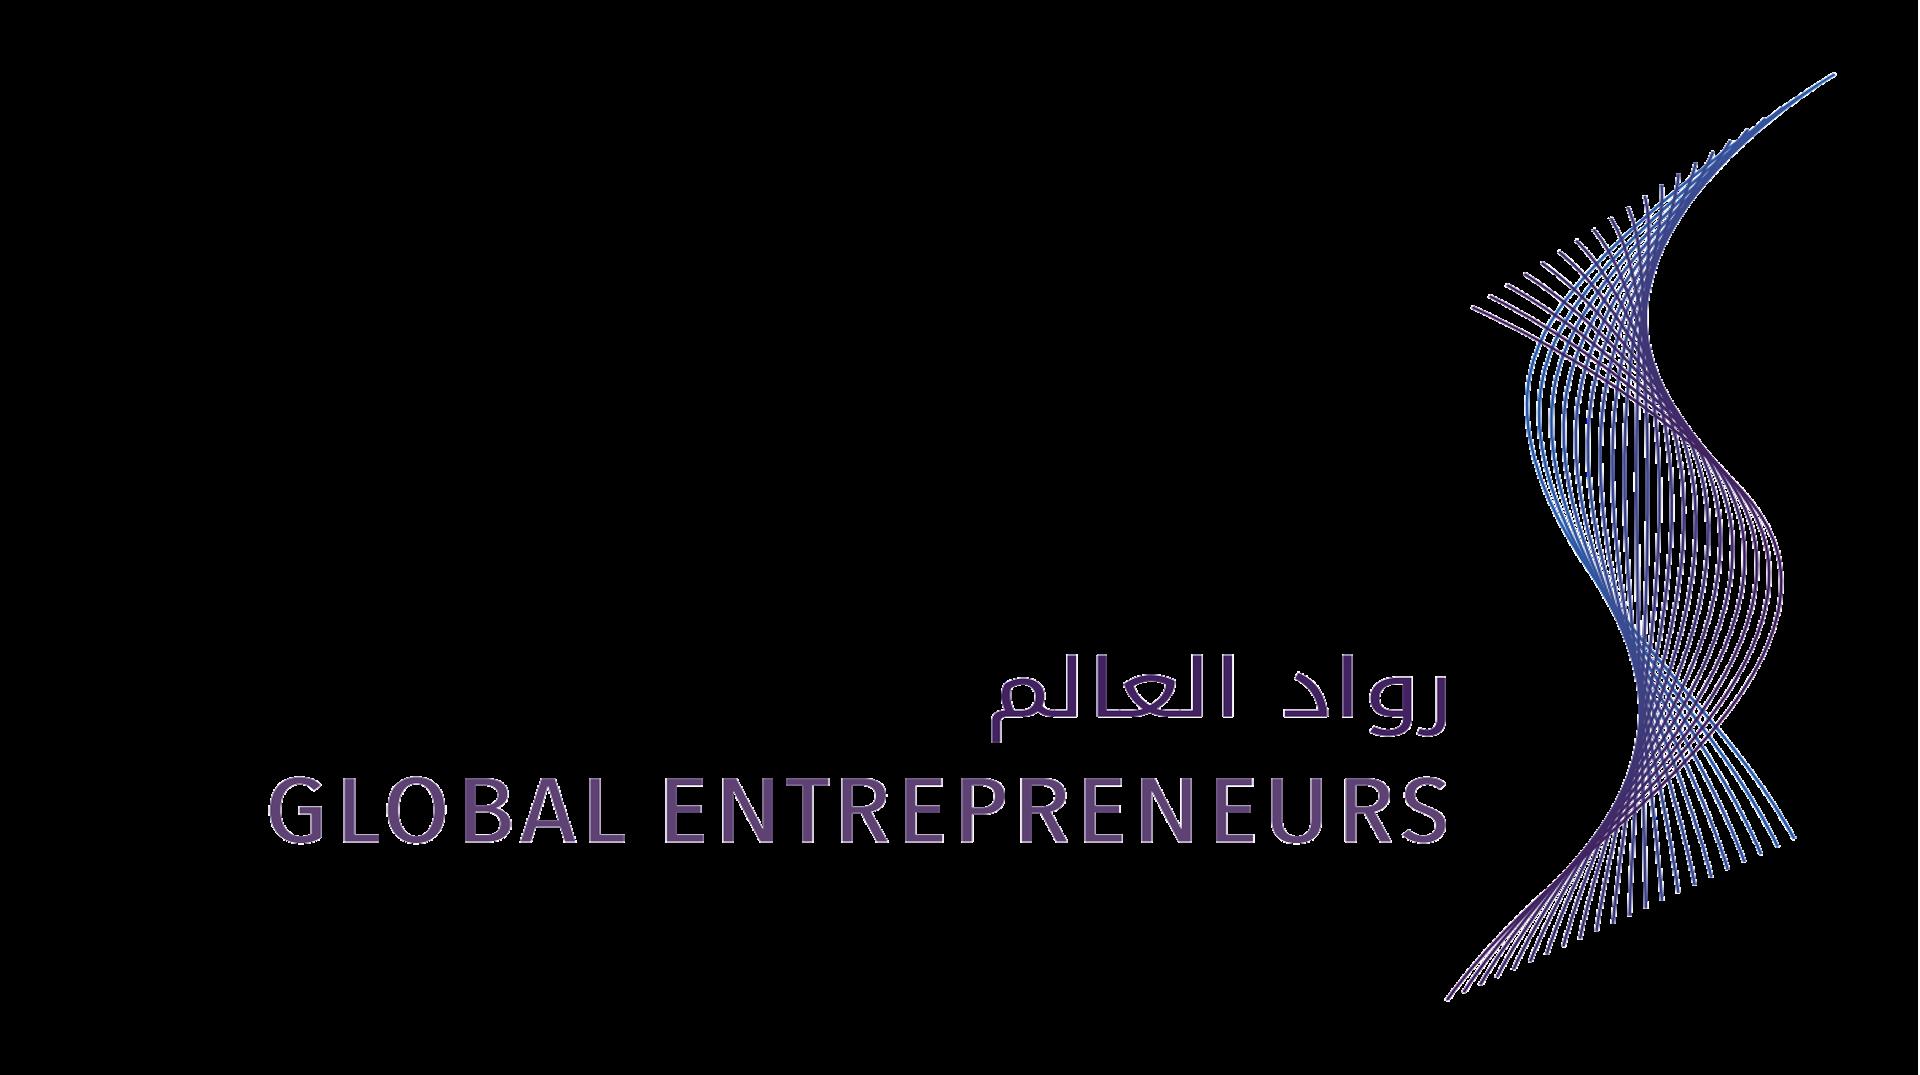 Global Entrepreneurs